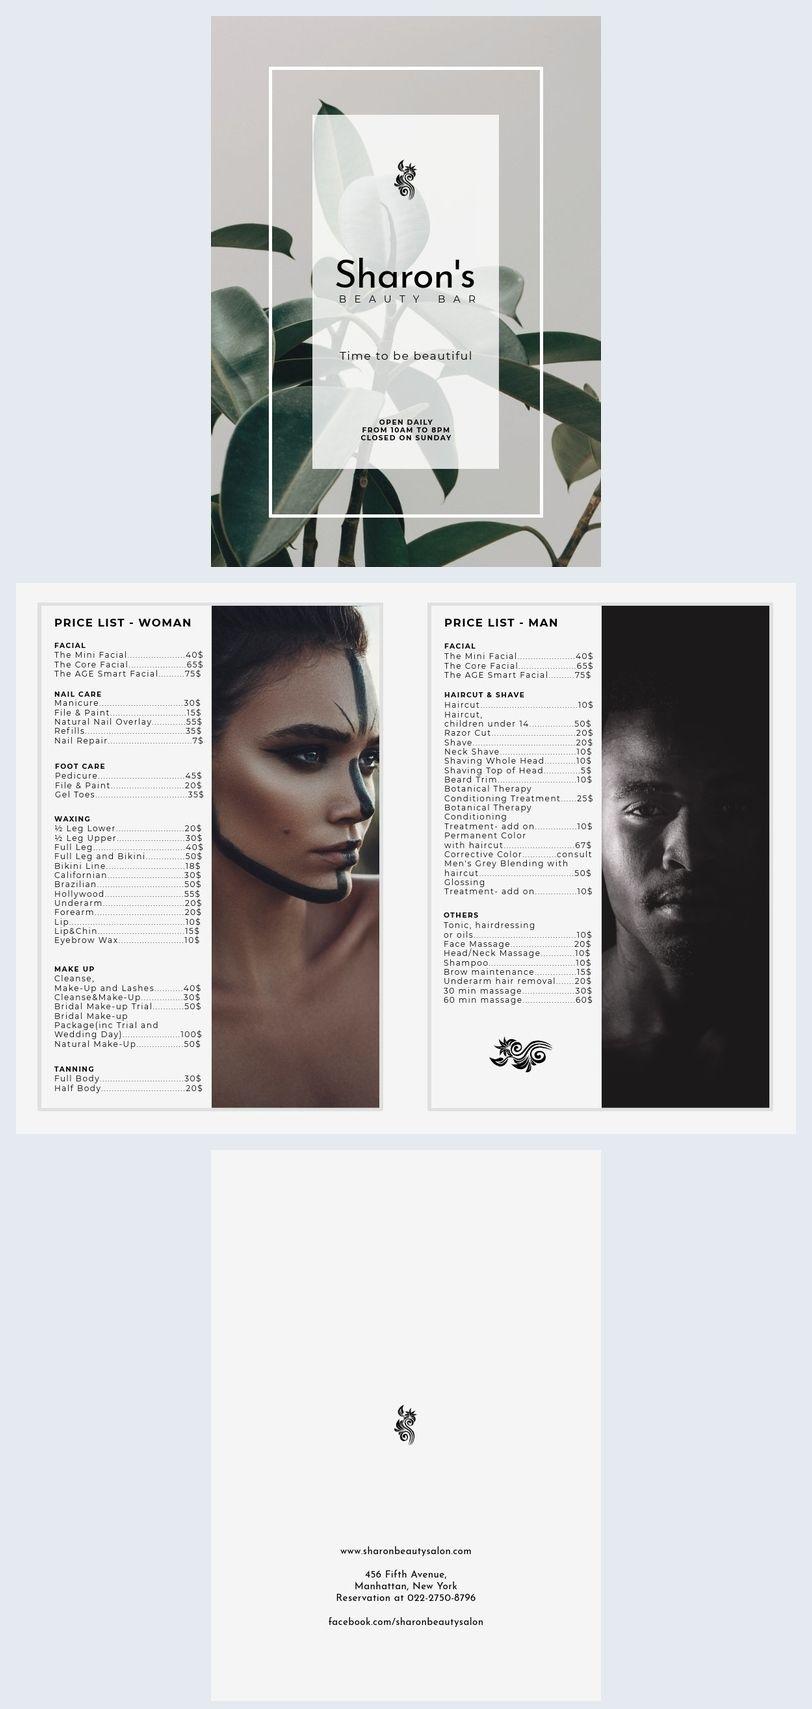 flhair & beauty CFold pricelist brochure Hair